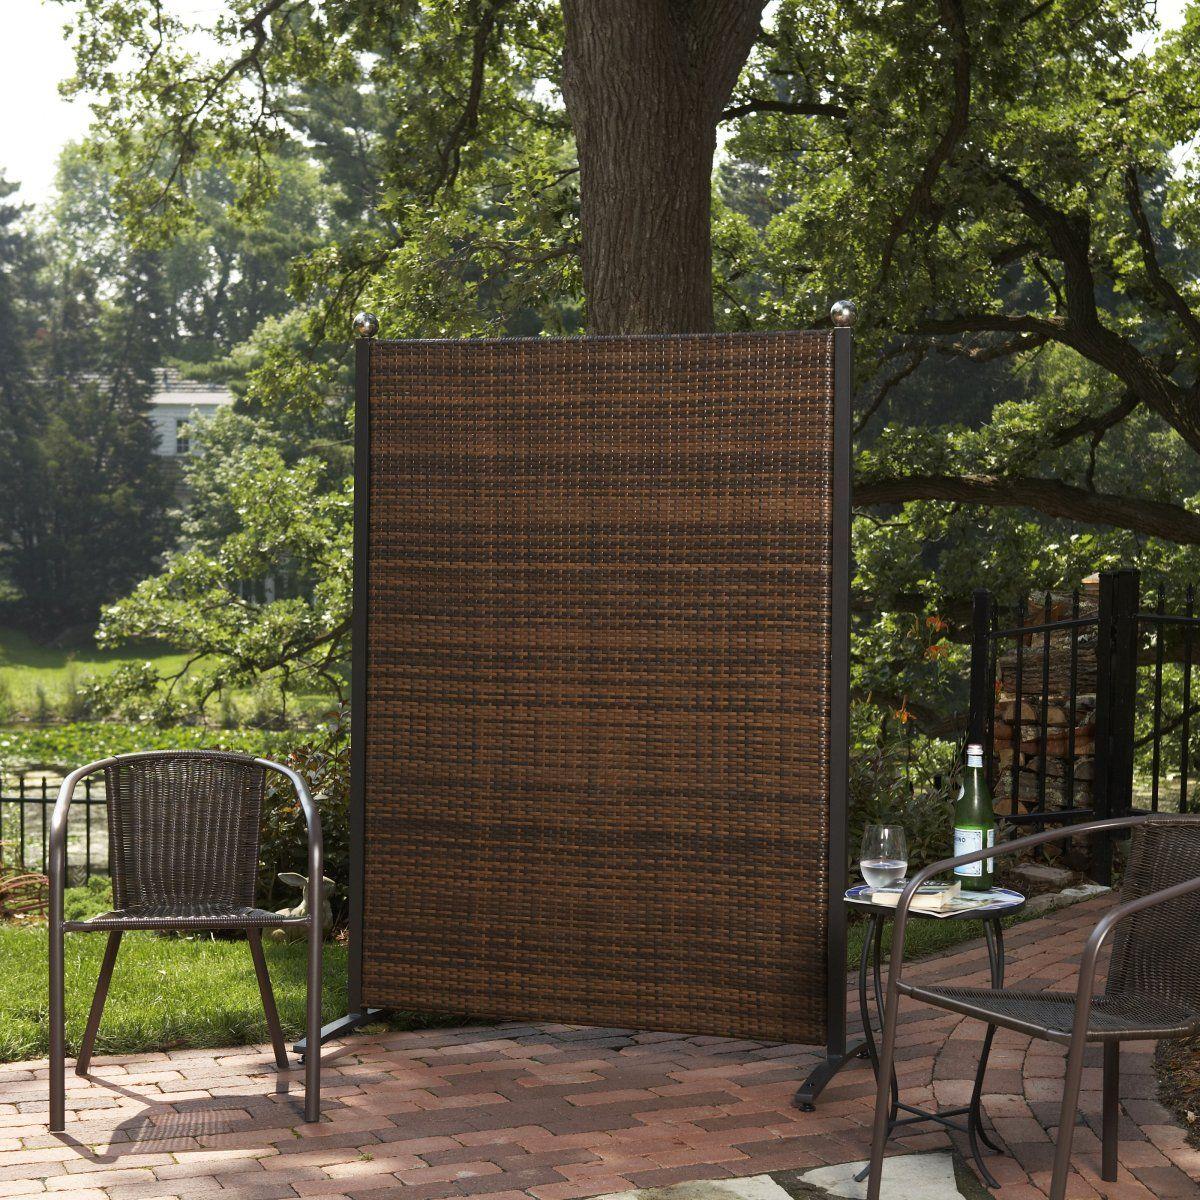 Versare Outdoor Wicker Resin Room Divider   Outdoor Privacy Screens At  Hayneedle $150